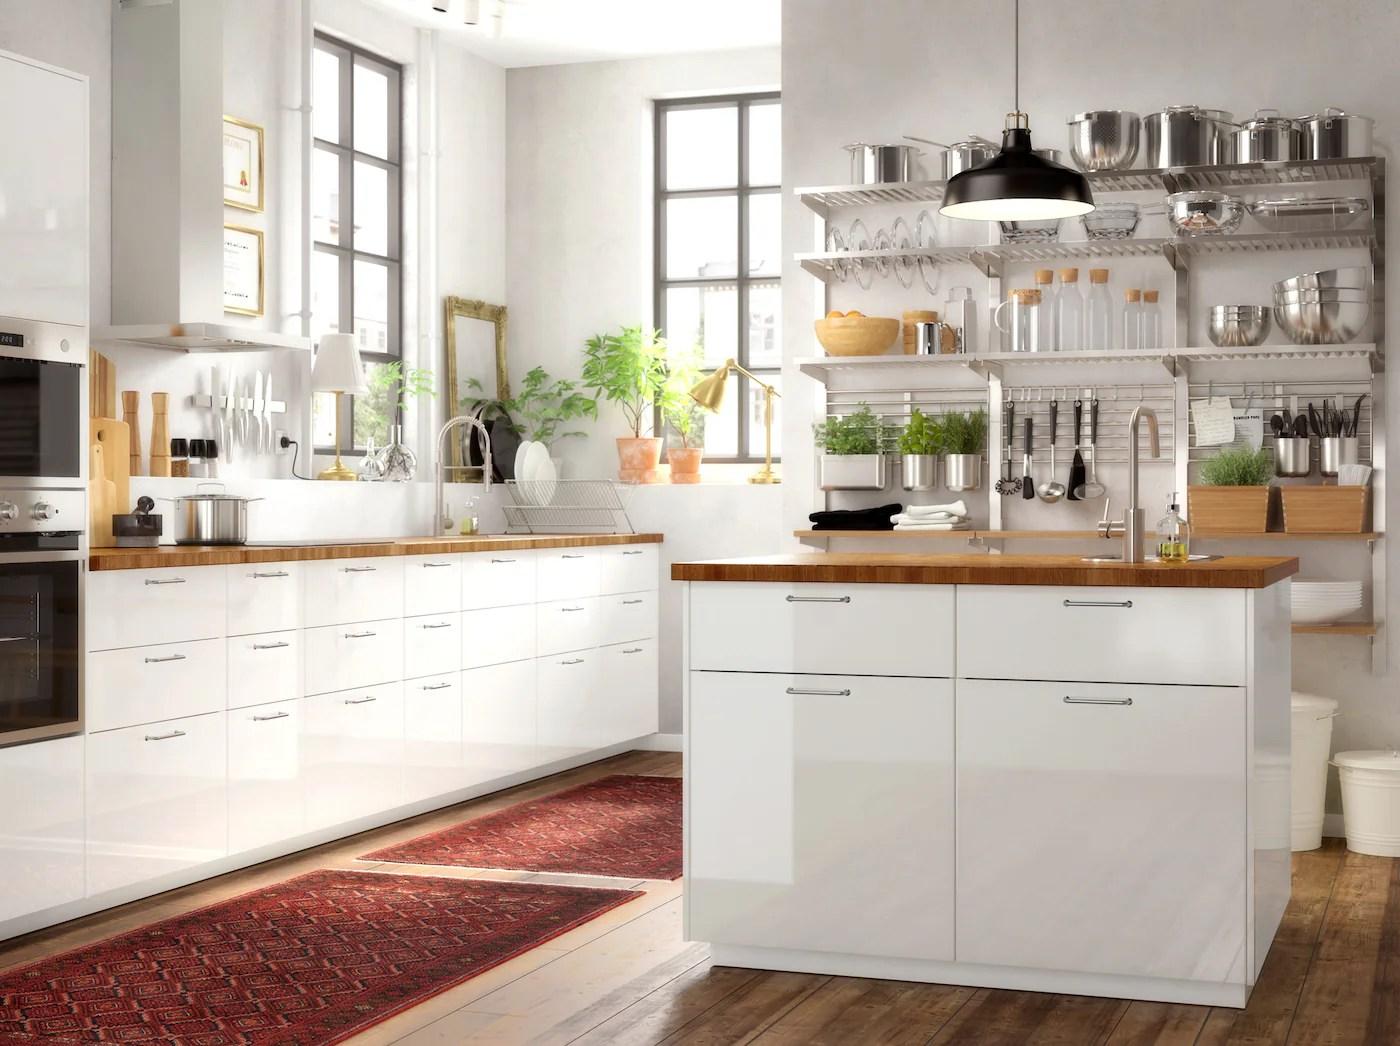 Stilvolle Kche Einrichtung  Accessoires  IKEA